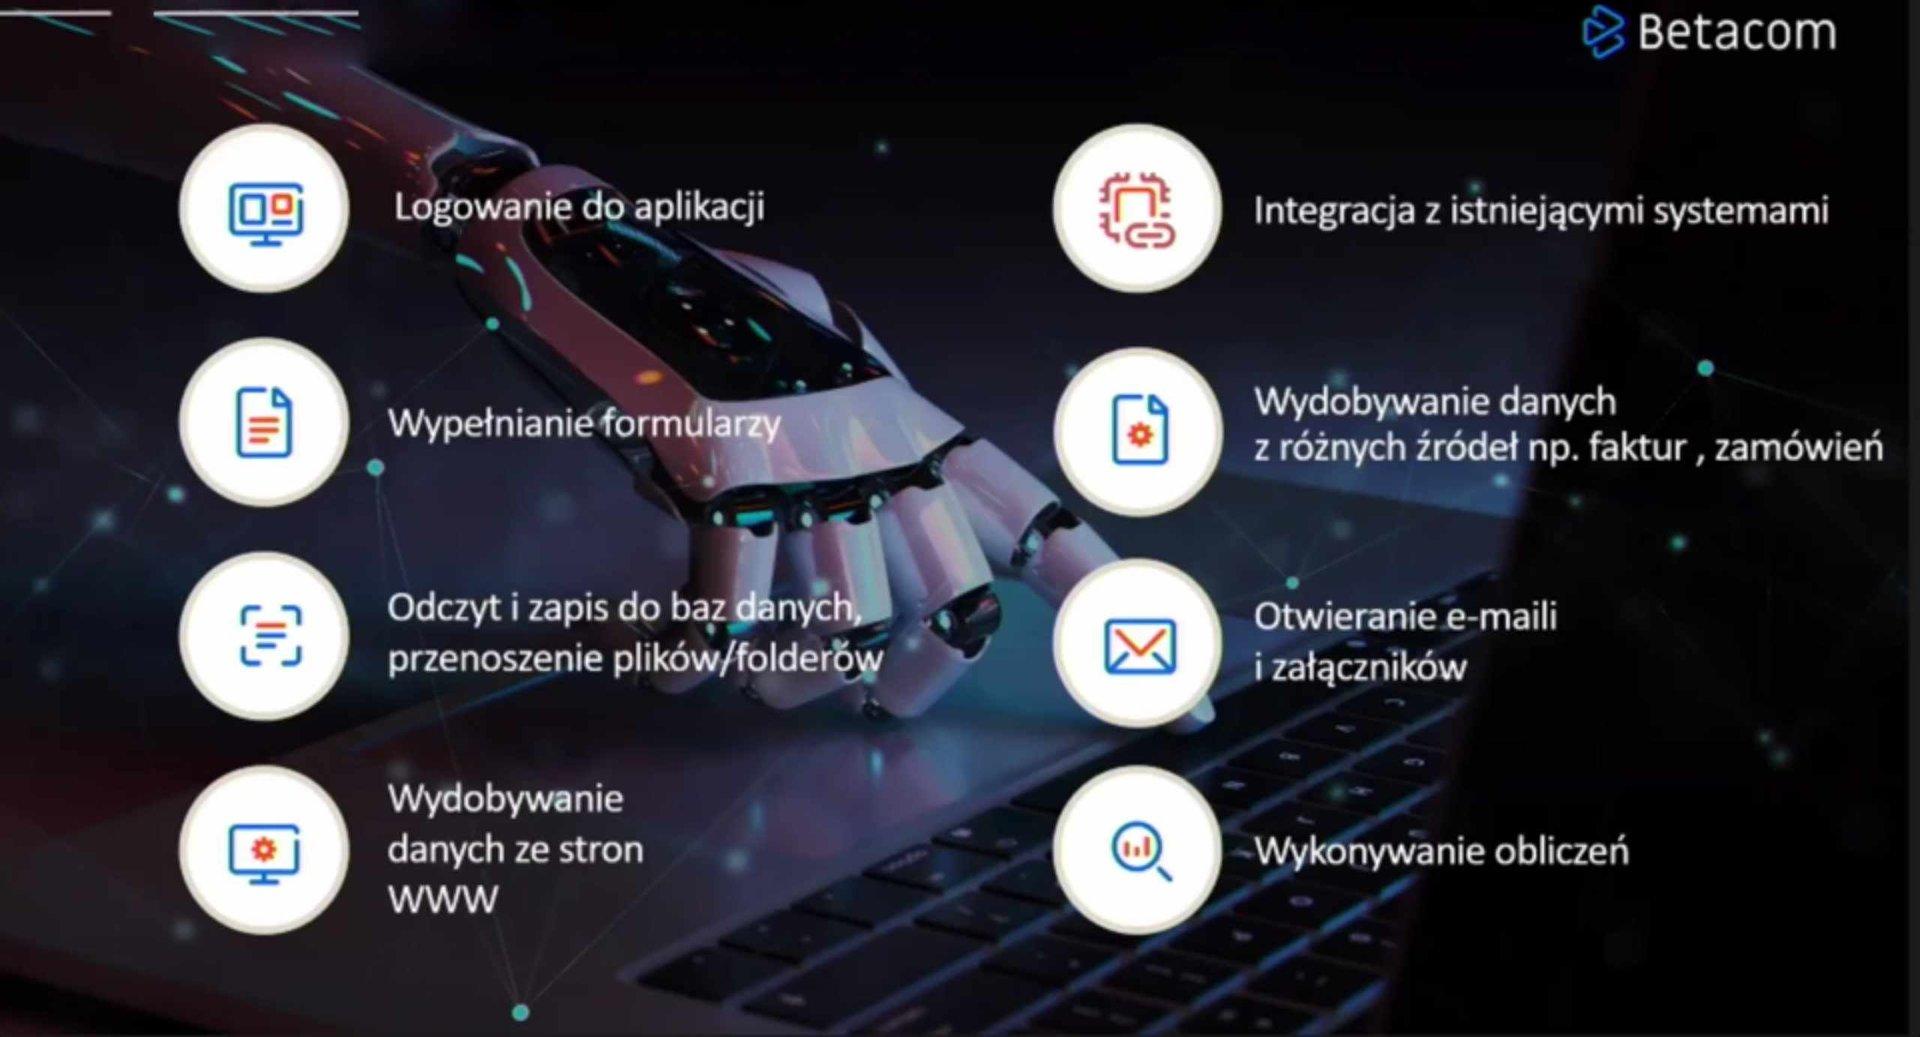 Wyzwania cyfrowej transformacji – opinie iradypolskich iświatowych ekspertów na konferencji